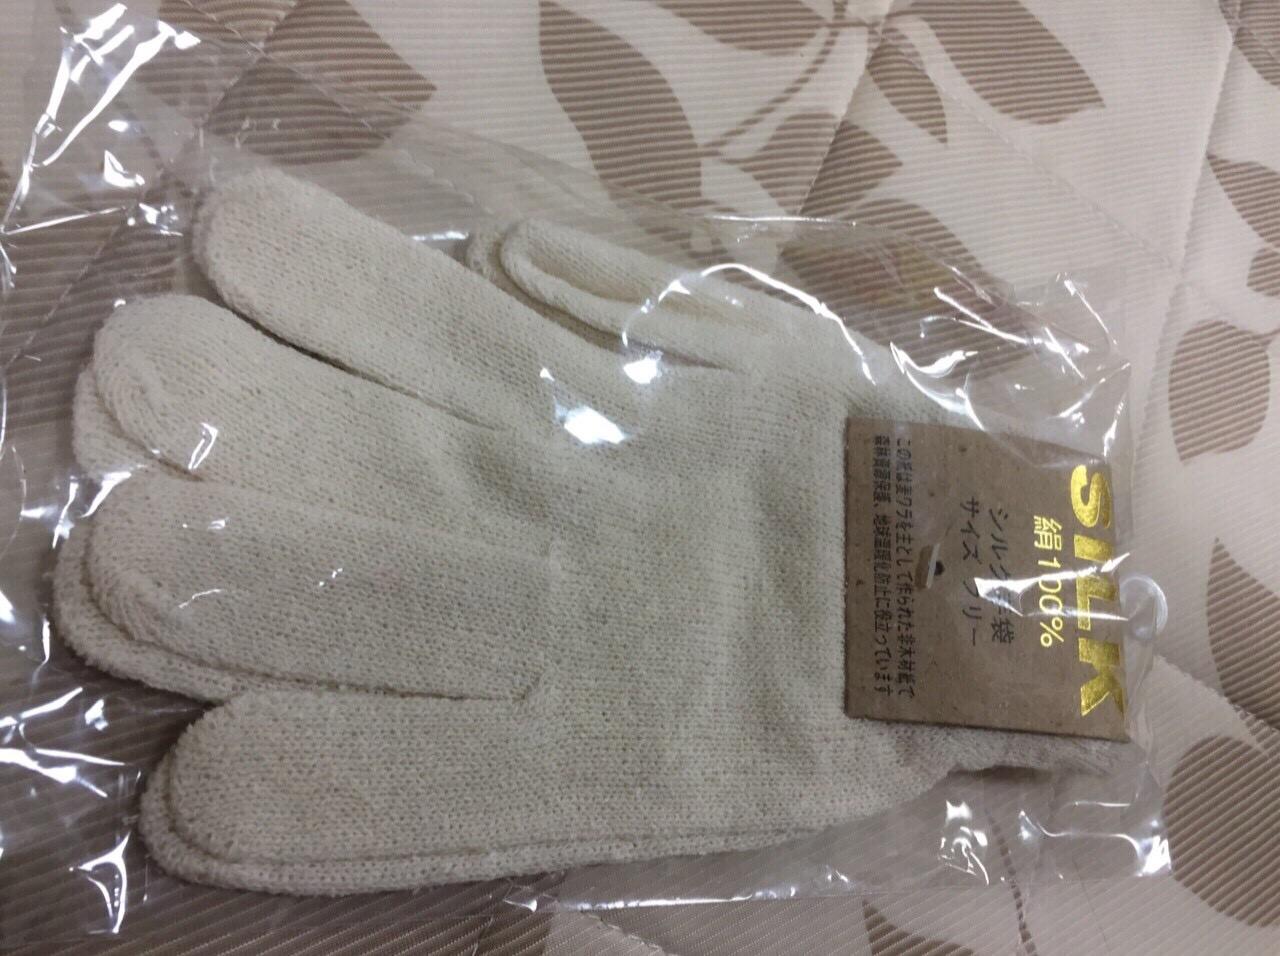 ガルシャナ手袋